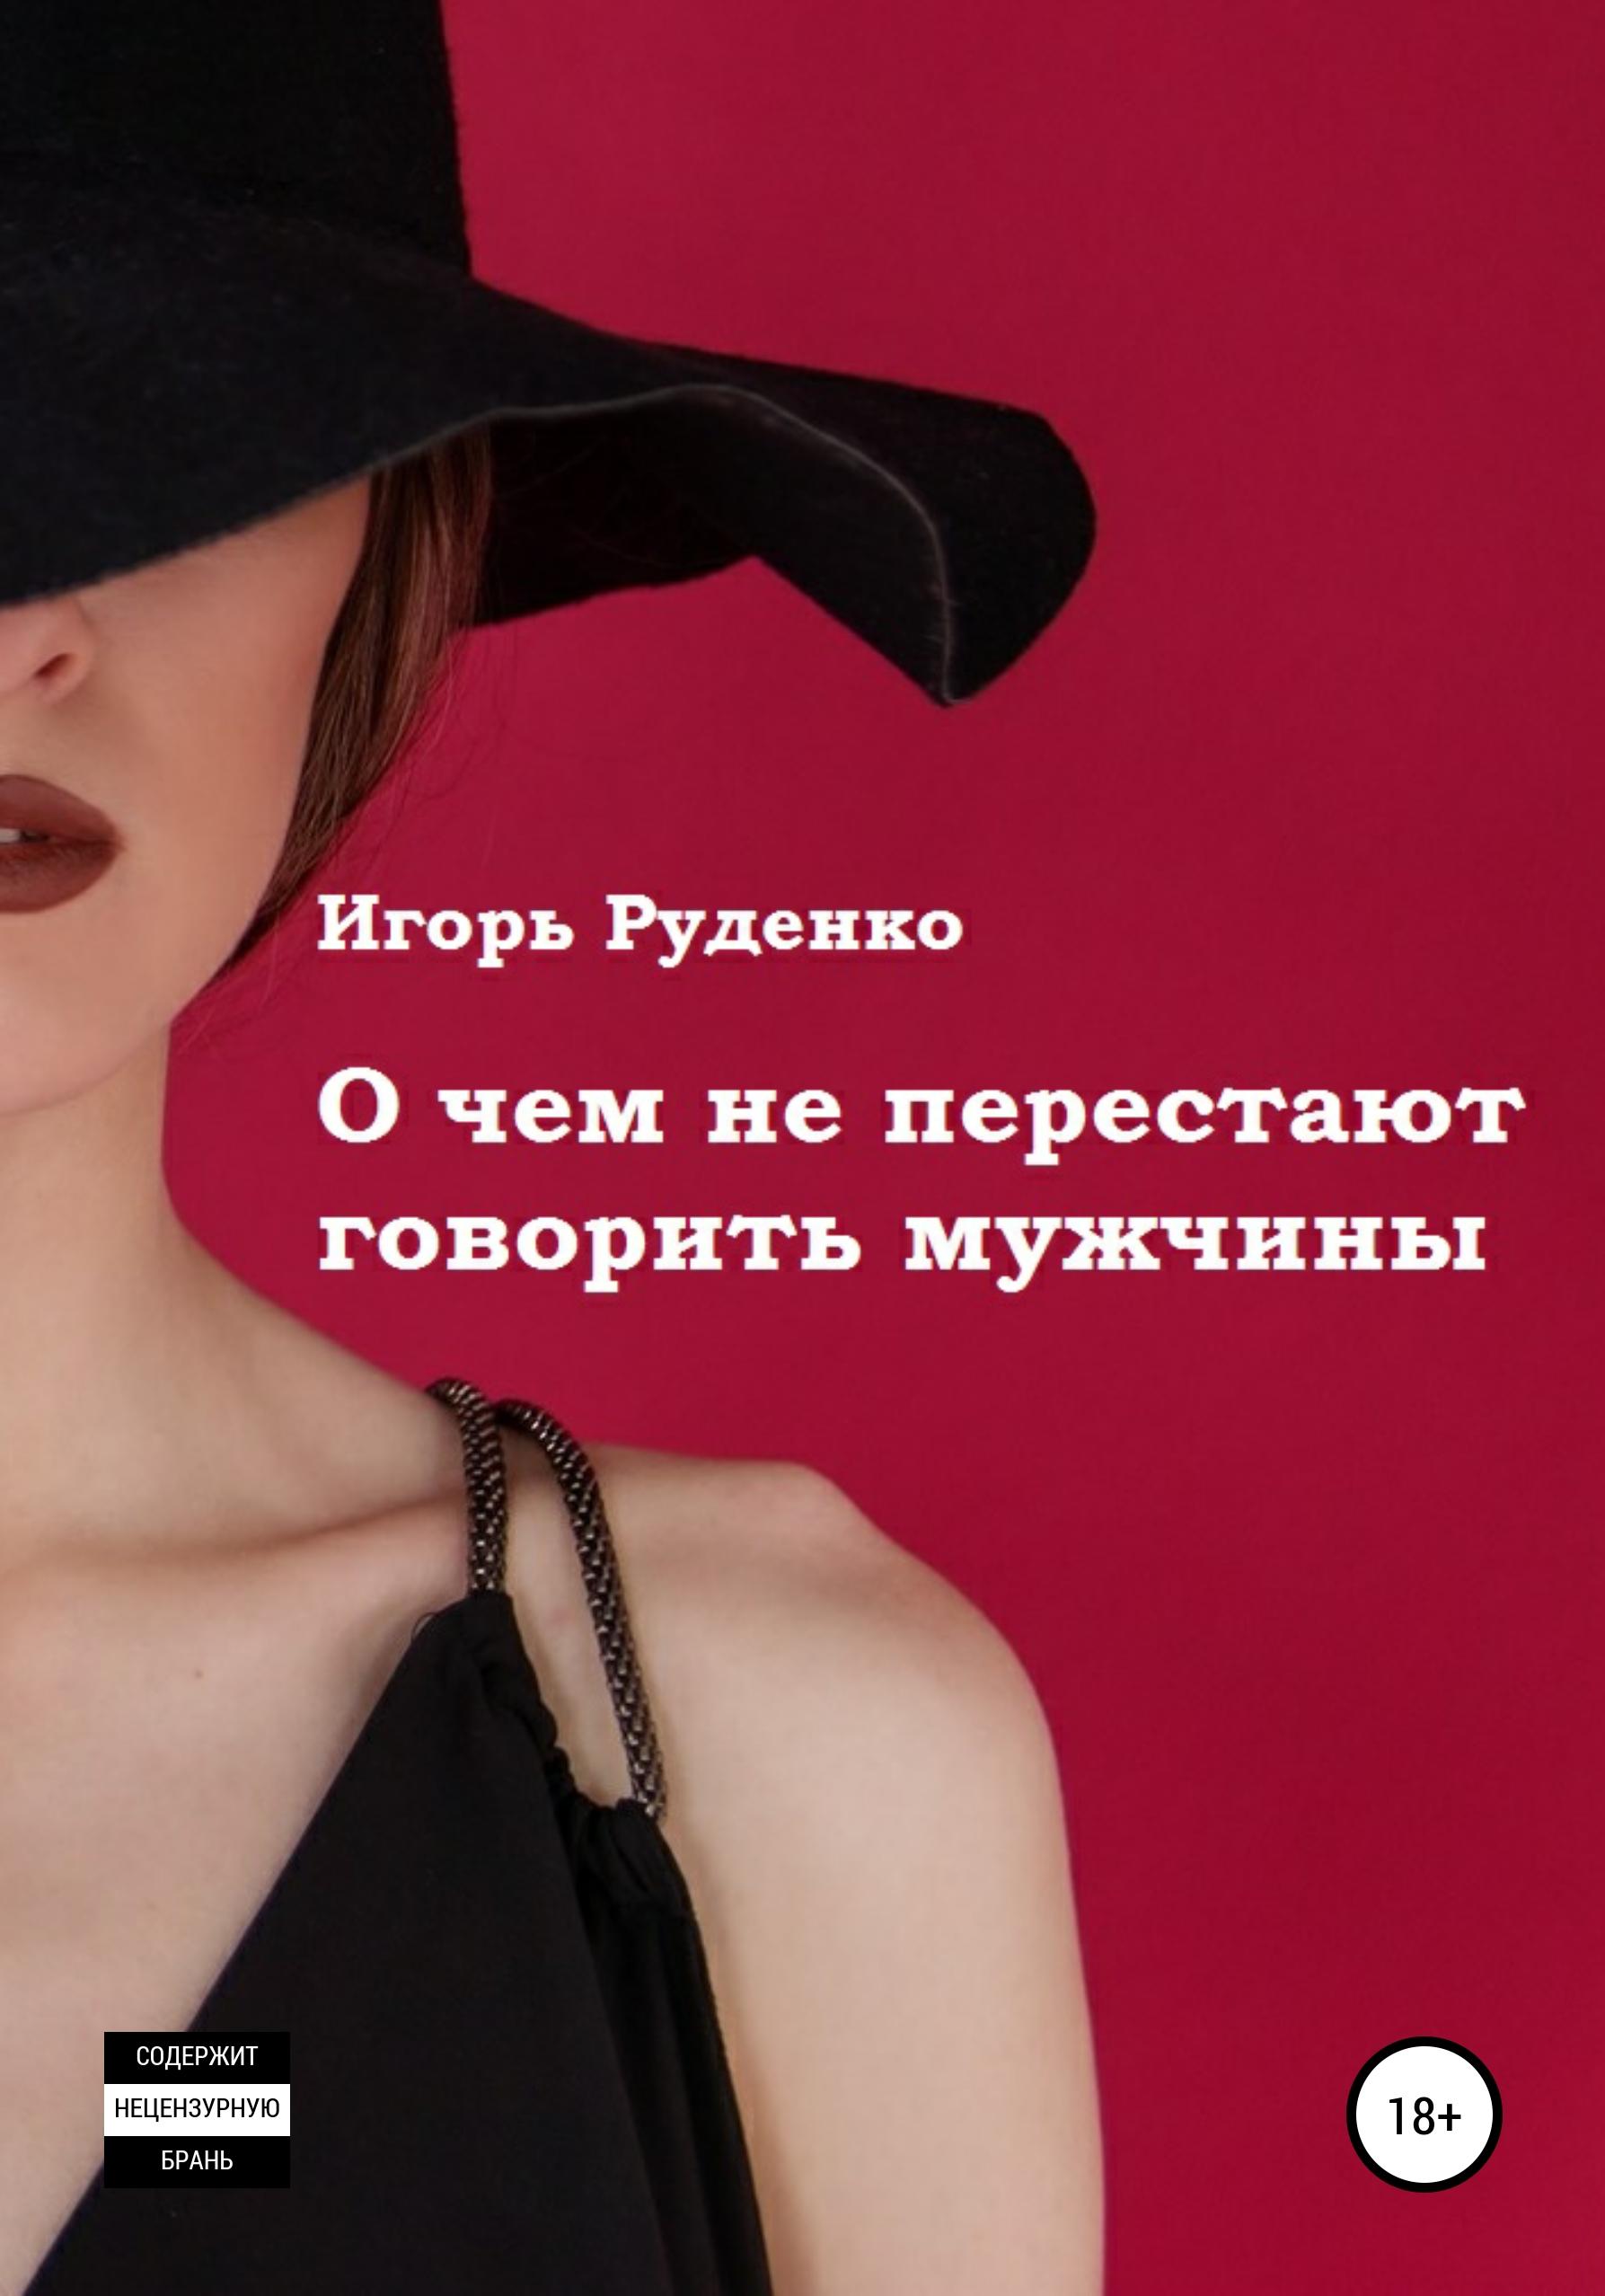 Игорь Васильевич Руденко О чем не перестают говорить мужчины. Сборник рассказов